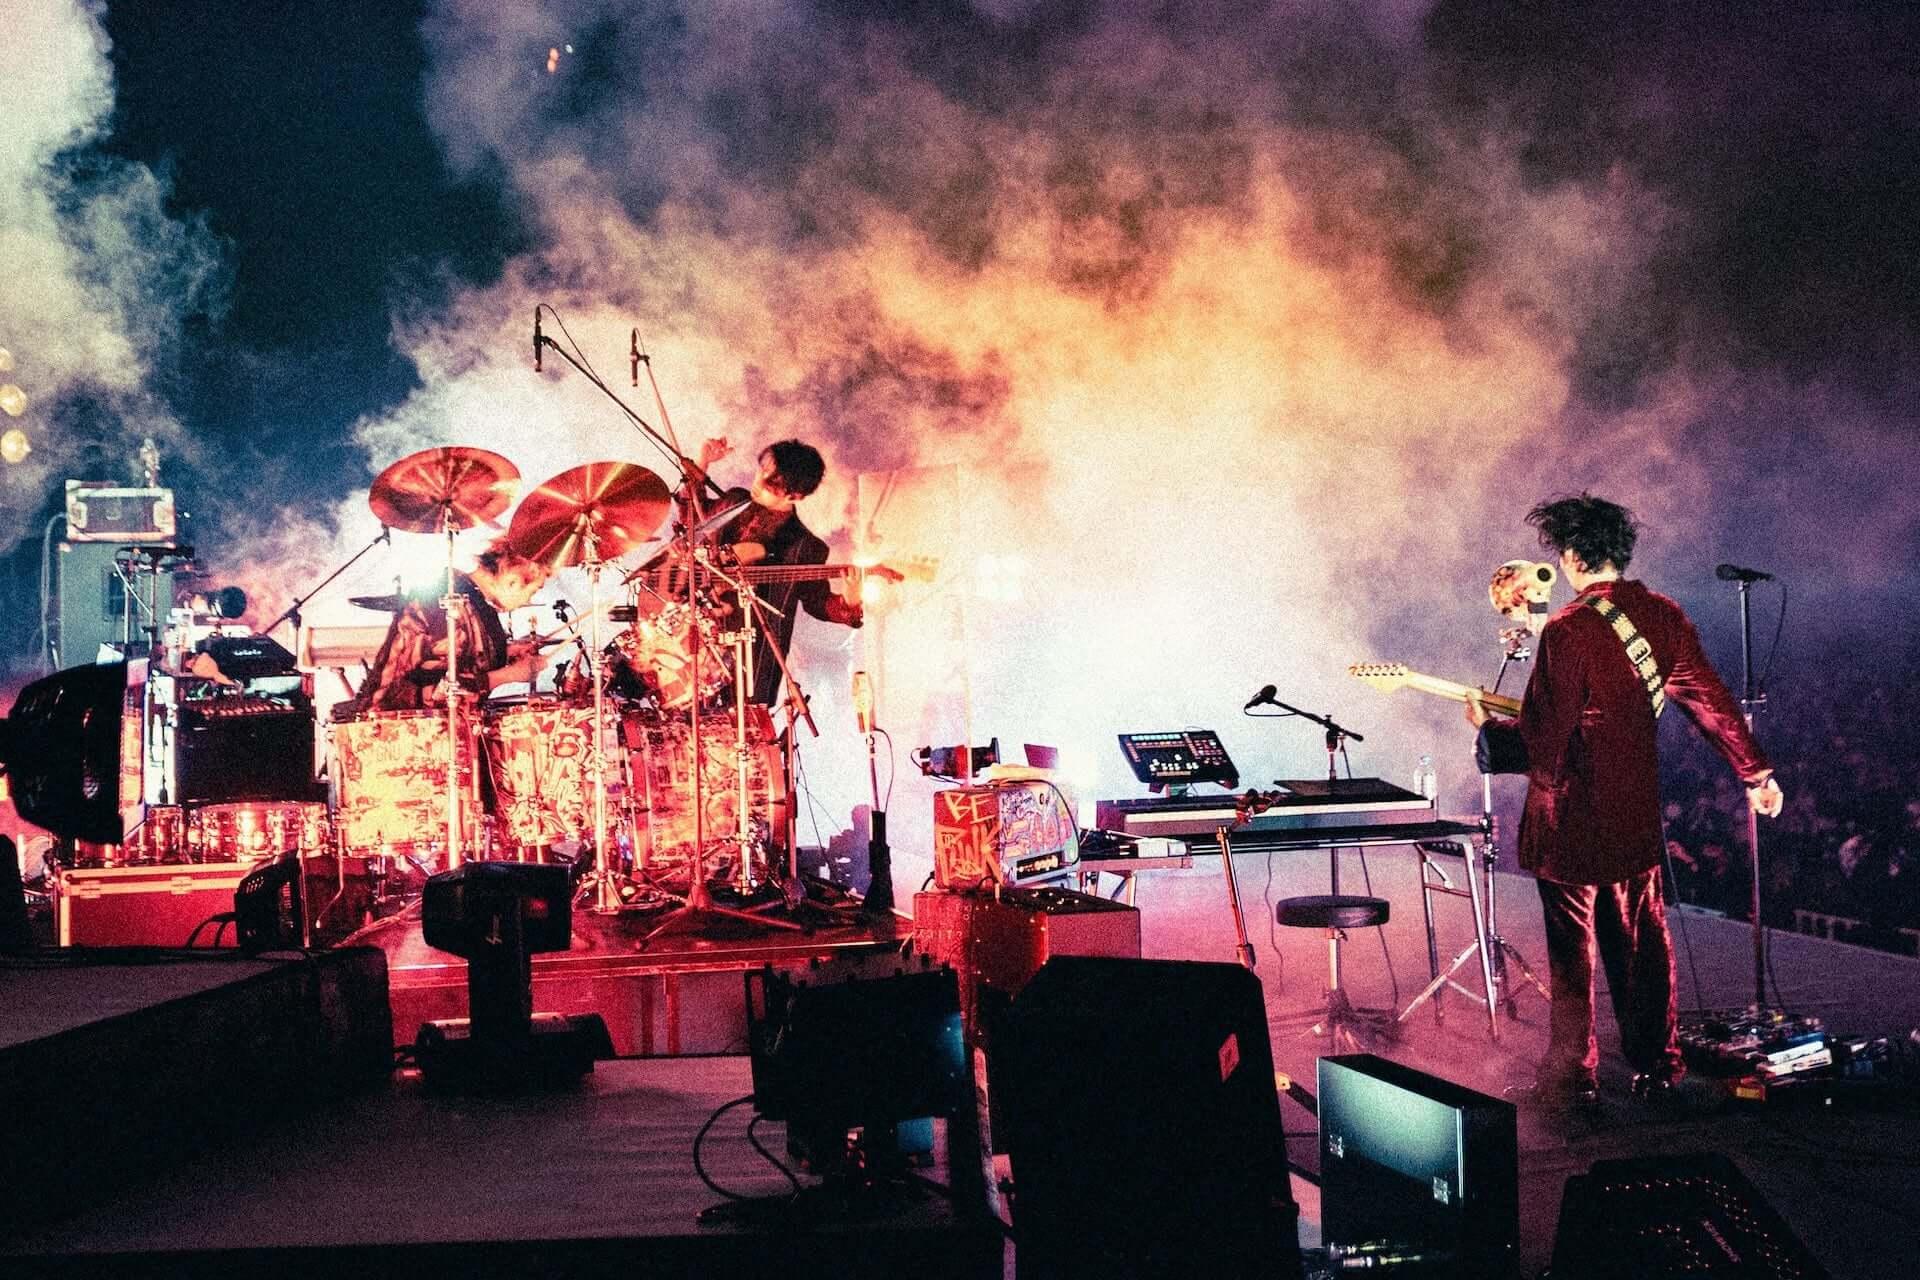 """King Gnu初のアリーナツアー、幕張メッセでは新曲""""千両役者""""も披露!ファイナル公演のライブレポートが到着 music201207_kinggnu_5-1920x1280"""